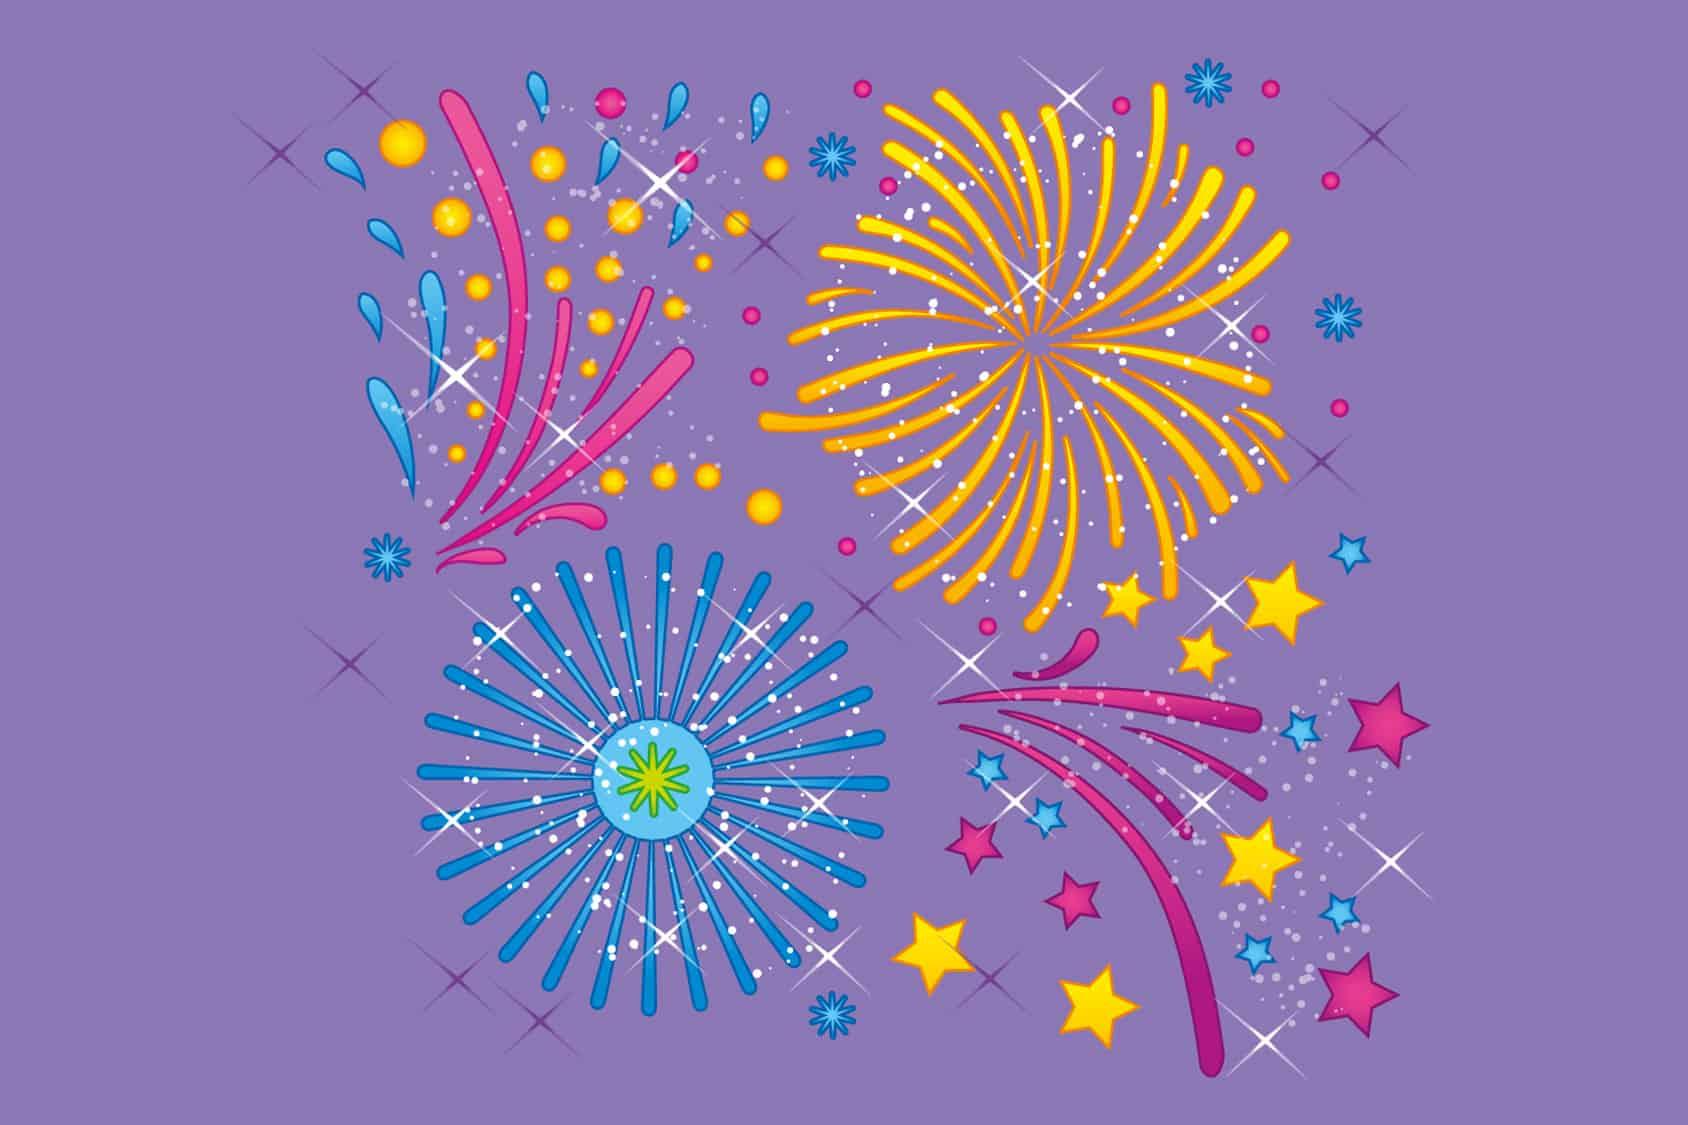 Kleurplaat Oud En Nieuw 25 Oudjaar Amp Nieuwjaar Kleurplaten